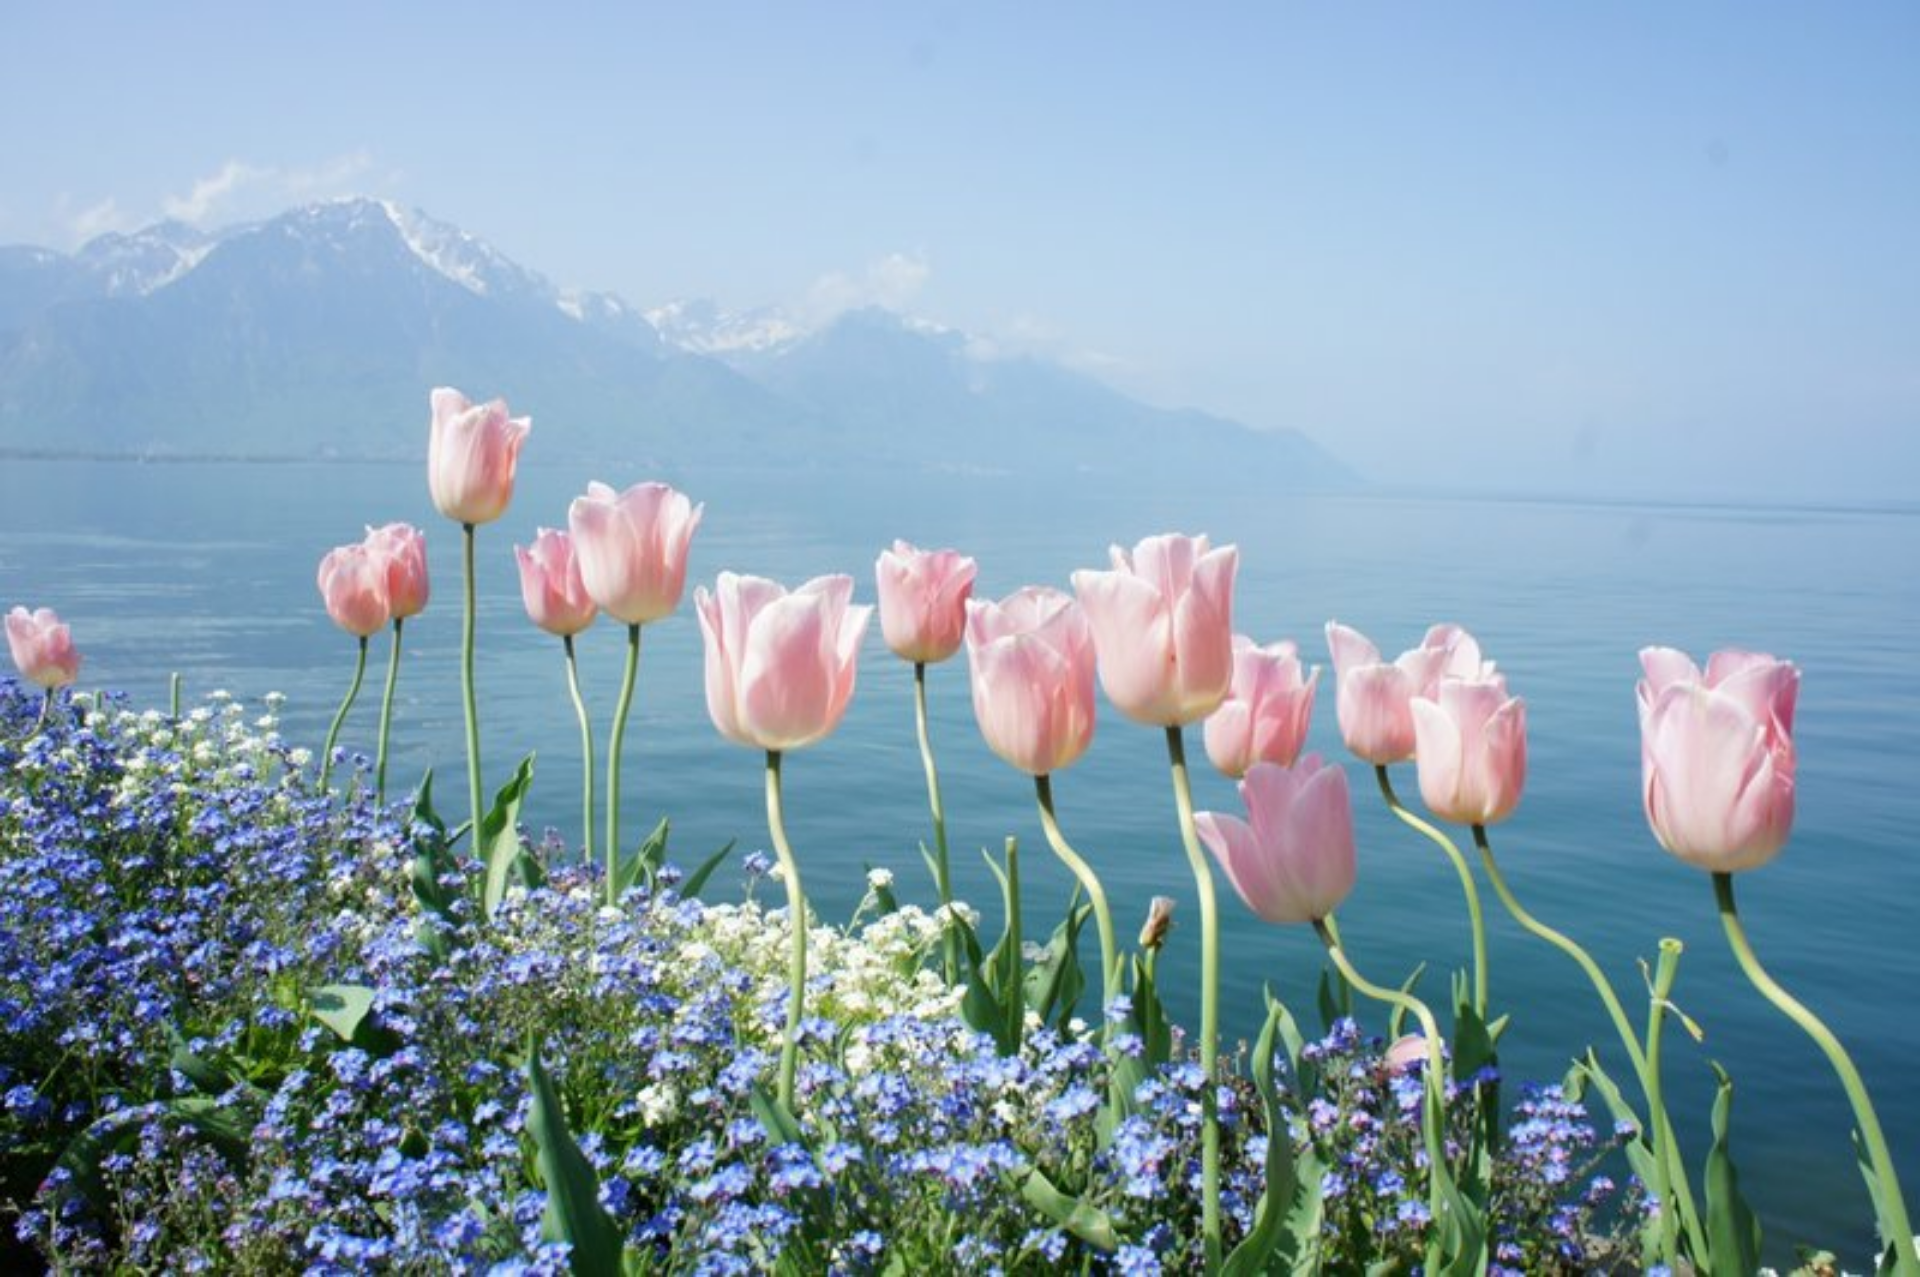 В естественной природе тюльпаны смотрятся намного интереснее привезённых из магазина охапок или горшков